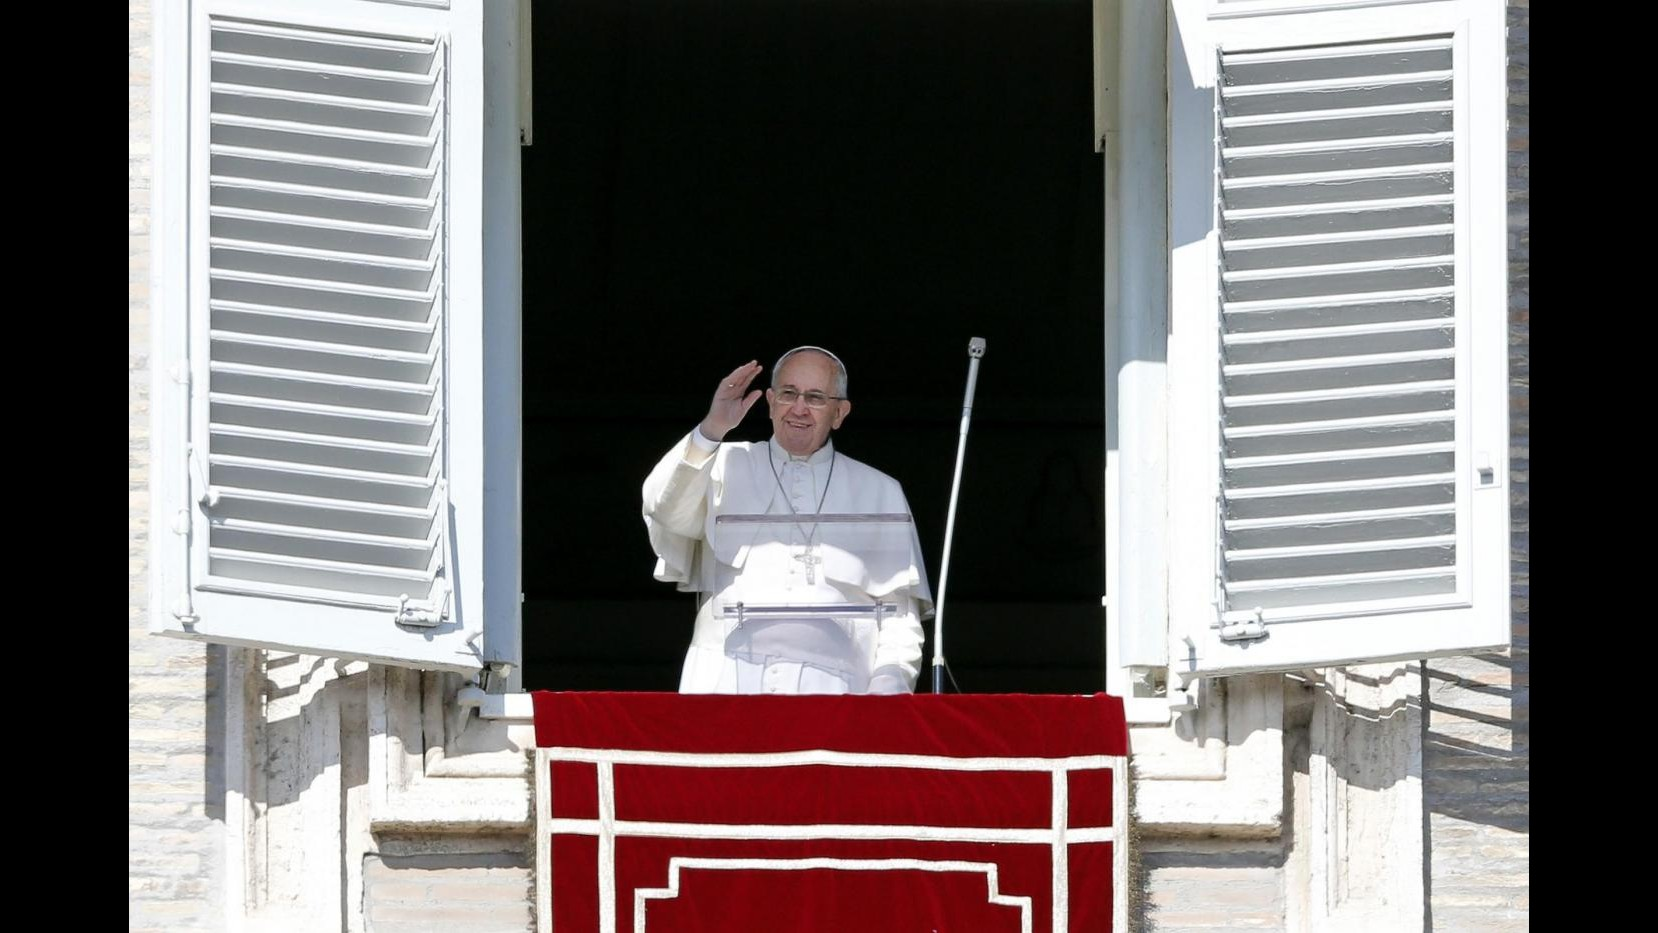 Vaticano, Papa fa distribuire da senzatetto libro esercizi spirituali